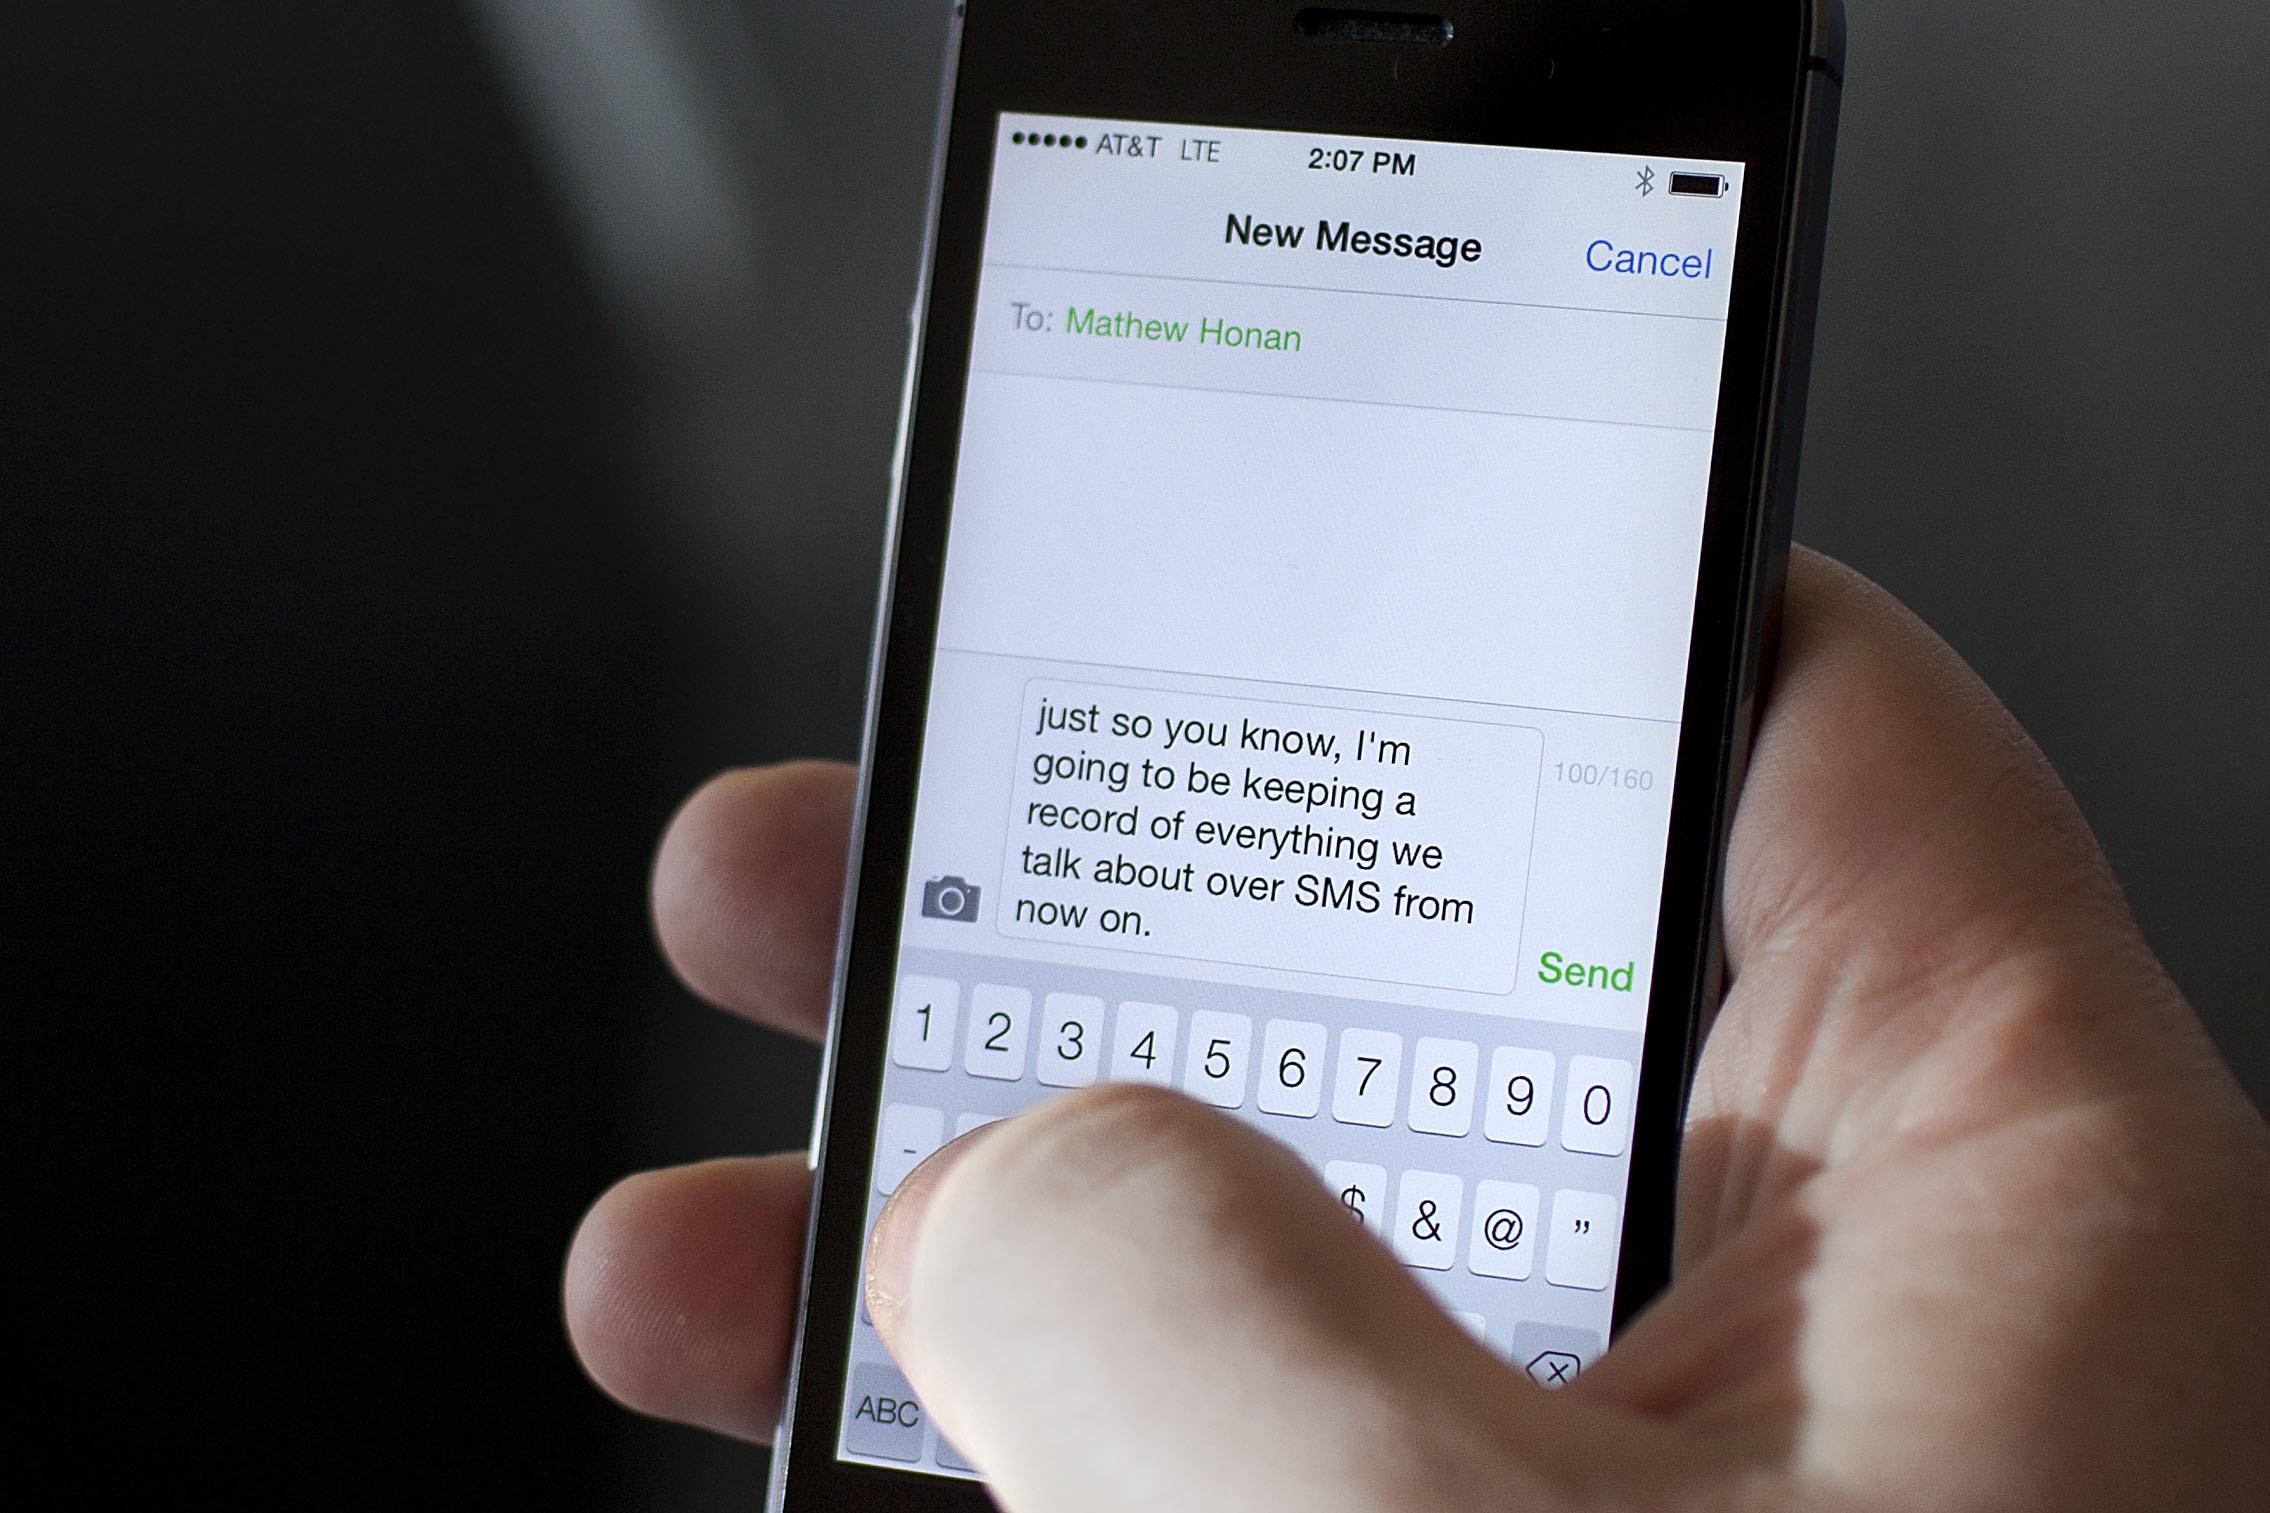 Как отменить отправку ошибочного SMS на iPhone с Jailbreak и без него?